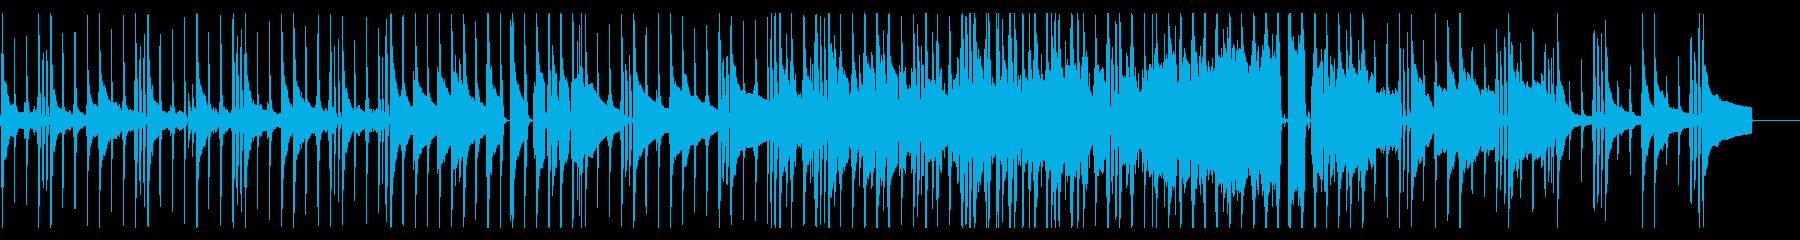 ピアノメインの優しくも強いロックバラードの再生済みの波形